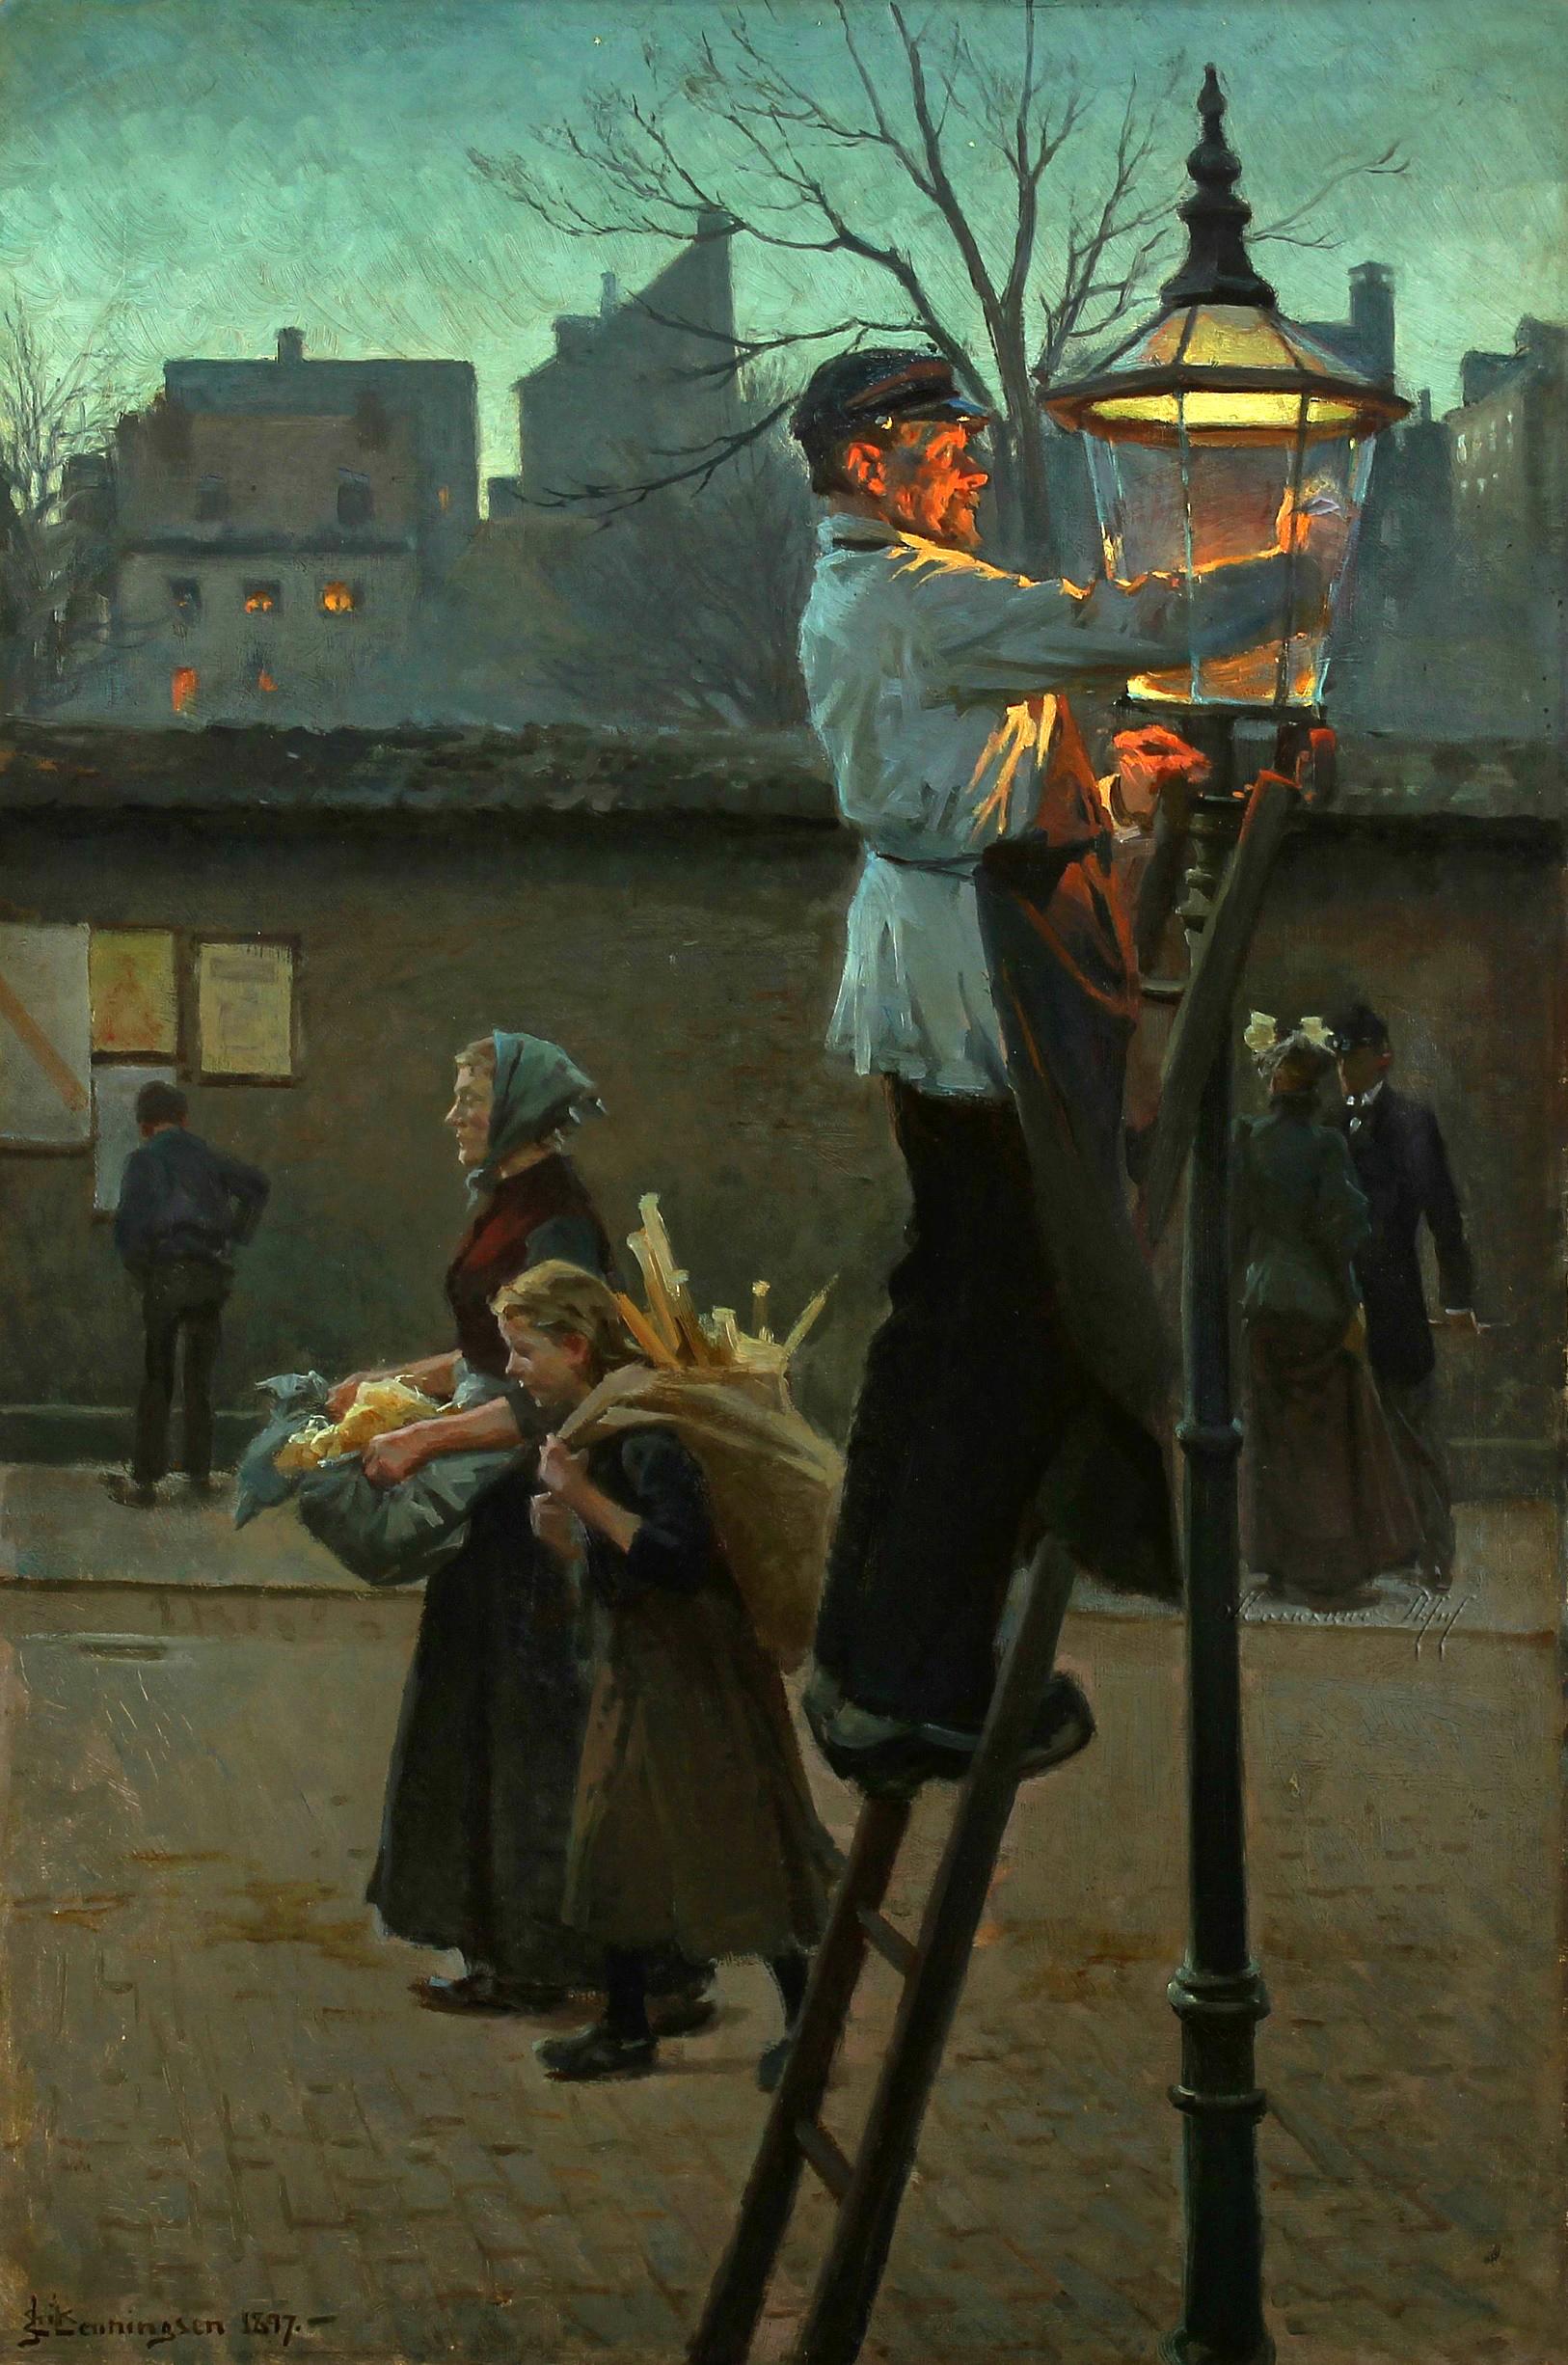 Erik Ludvig Henningsen (Danish 1855 - 1930) - The Lamplighter